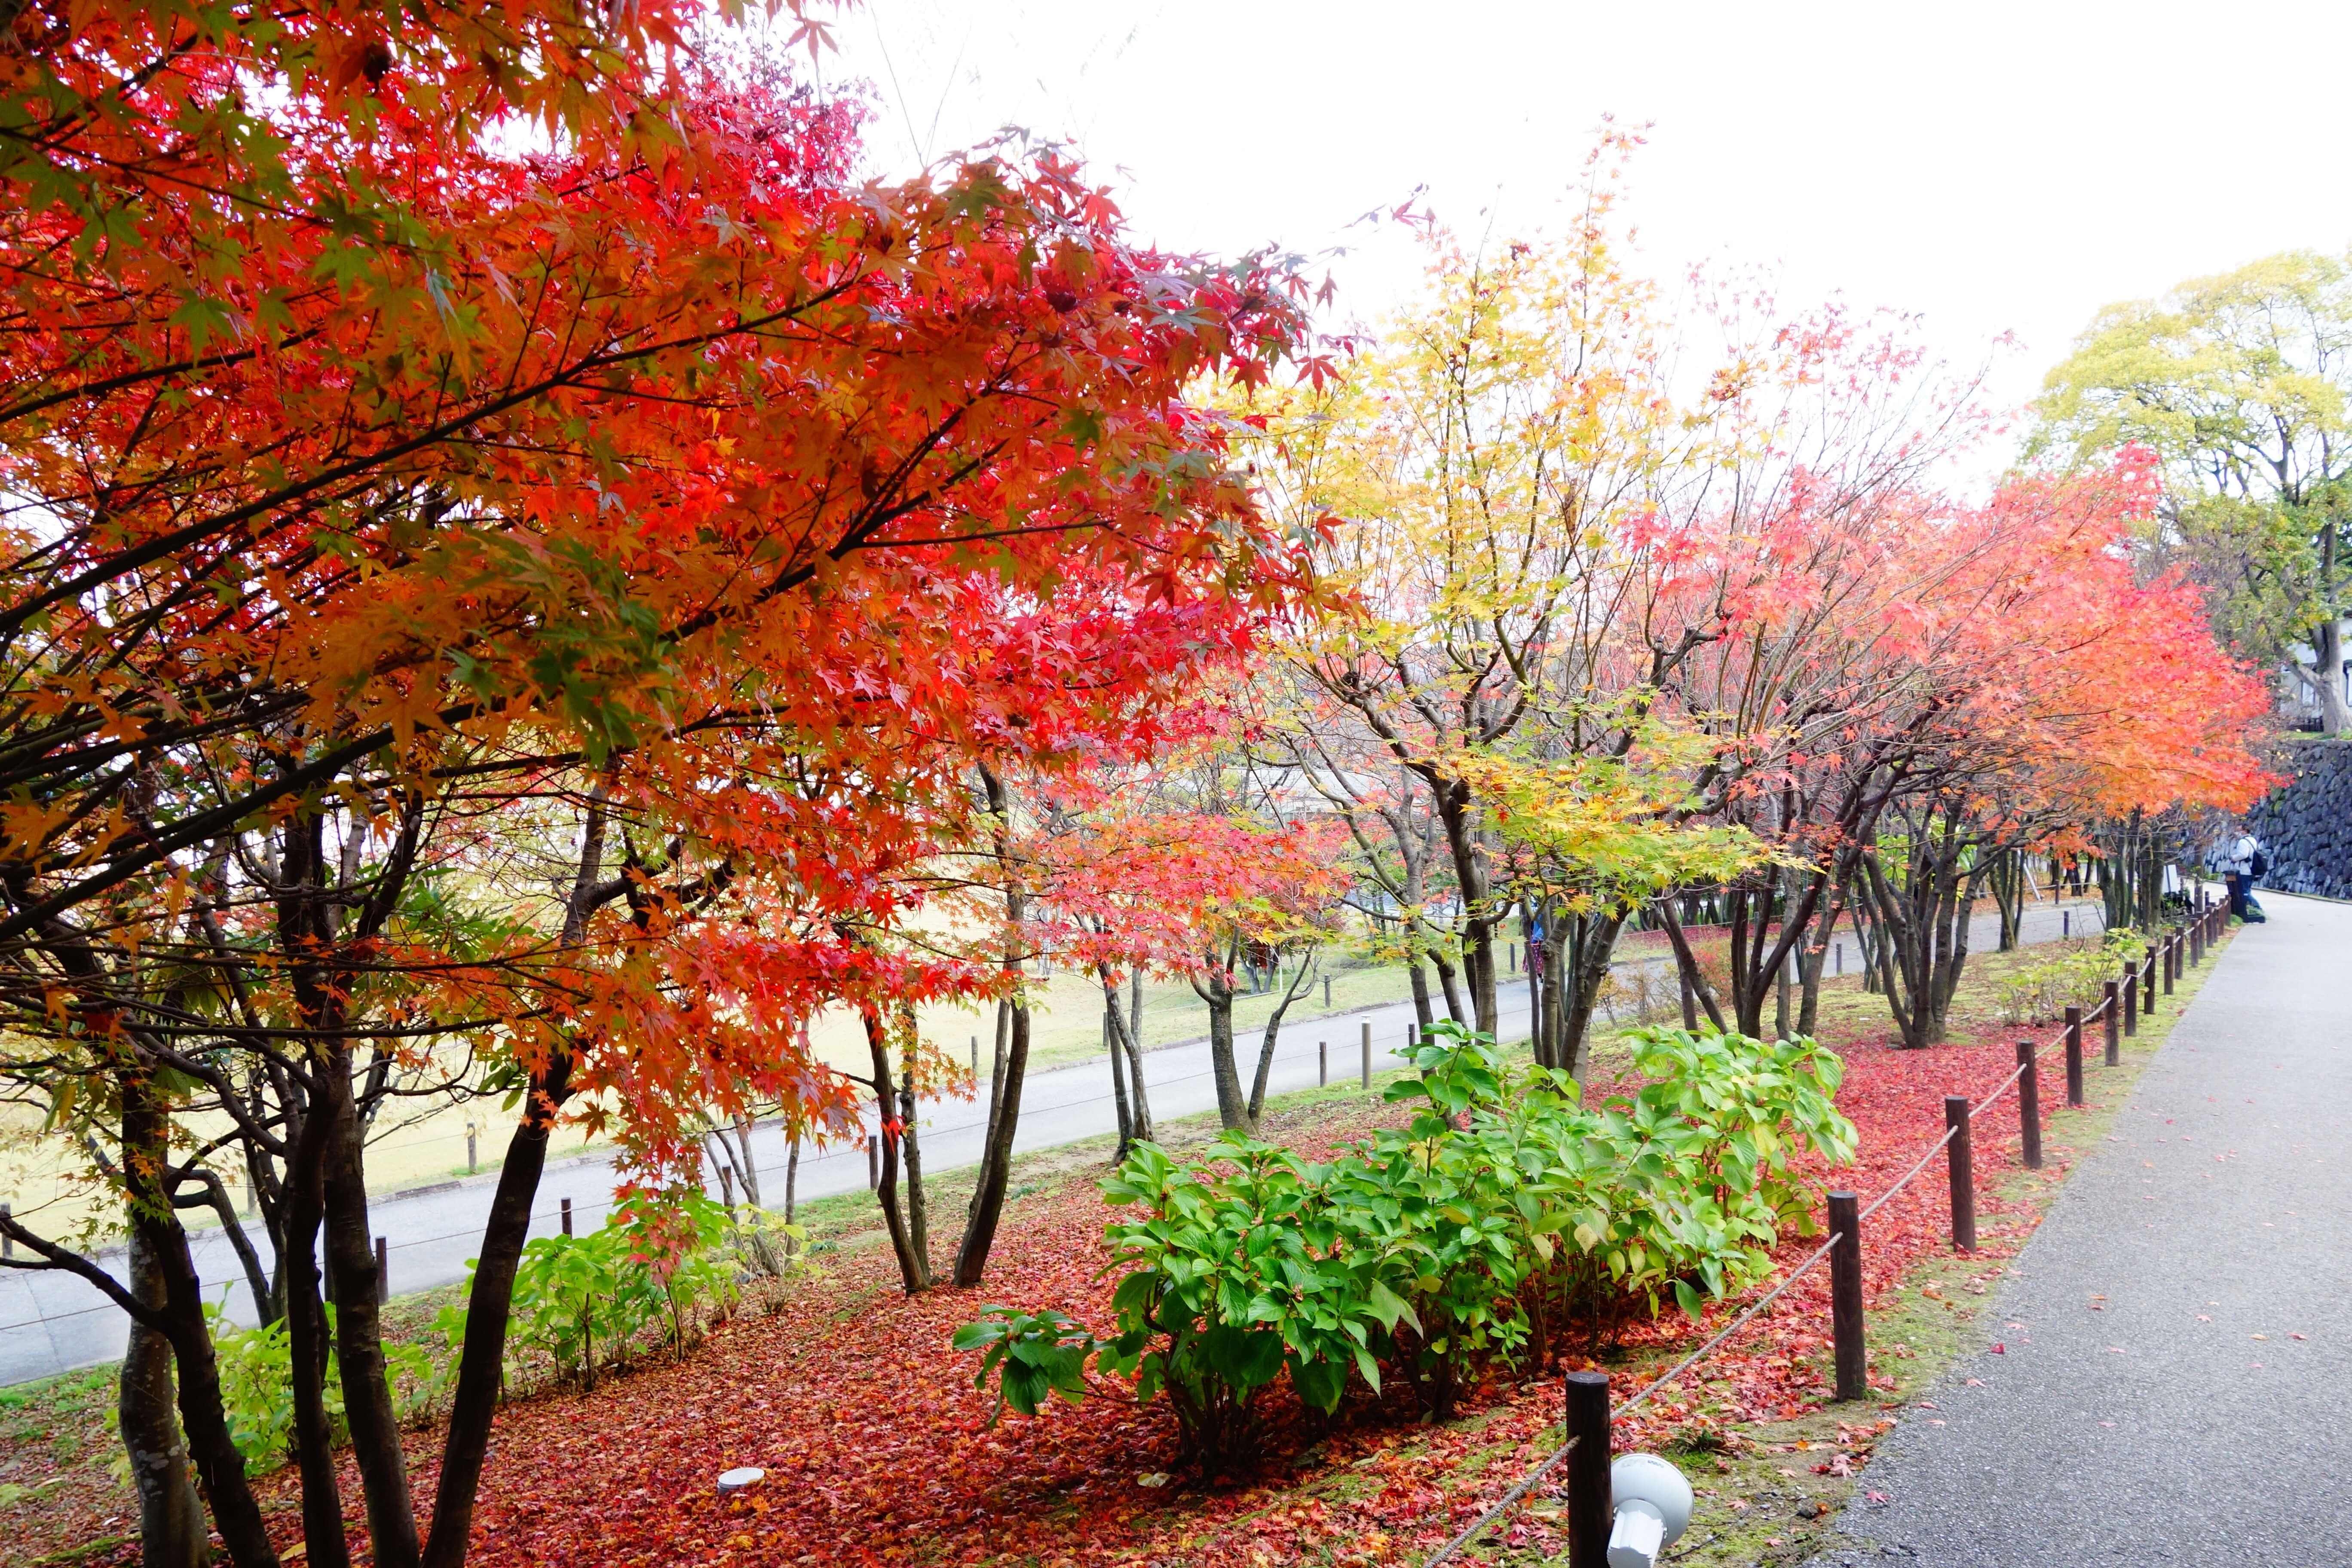 金沢城公園|石川県の紅葉スポット!金沢市にある北陸屈指の紅葉の名所